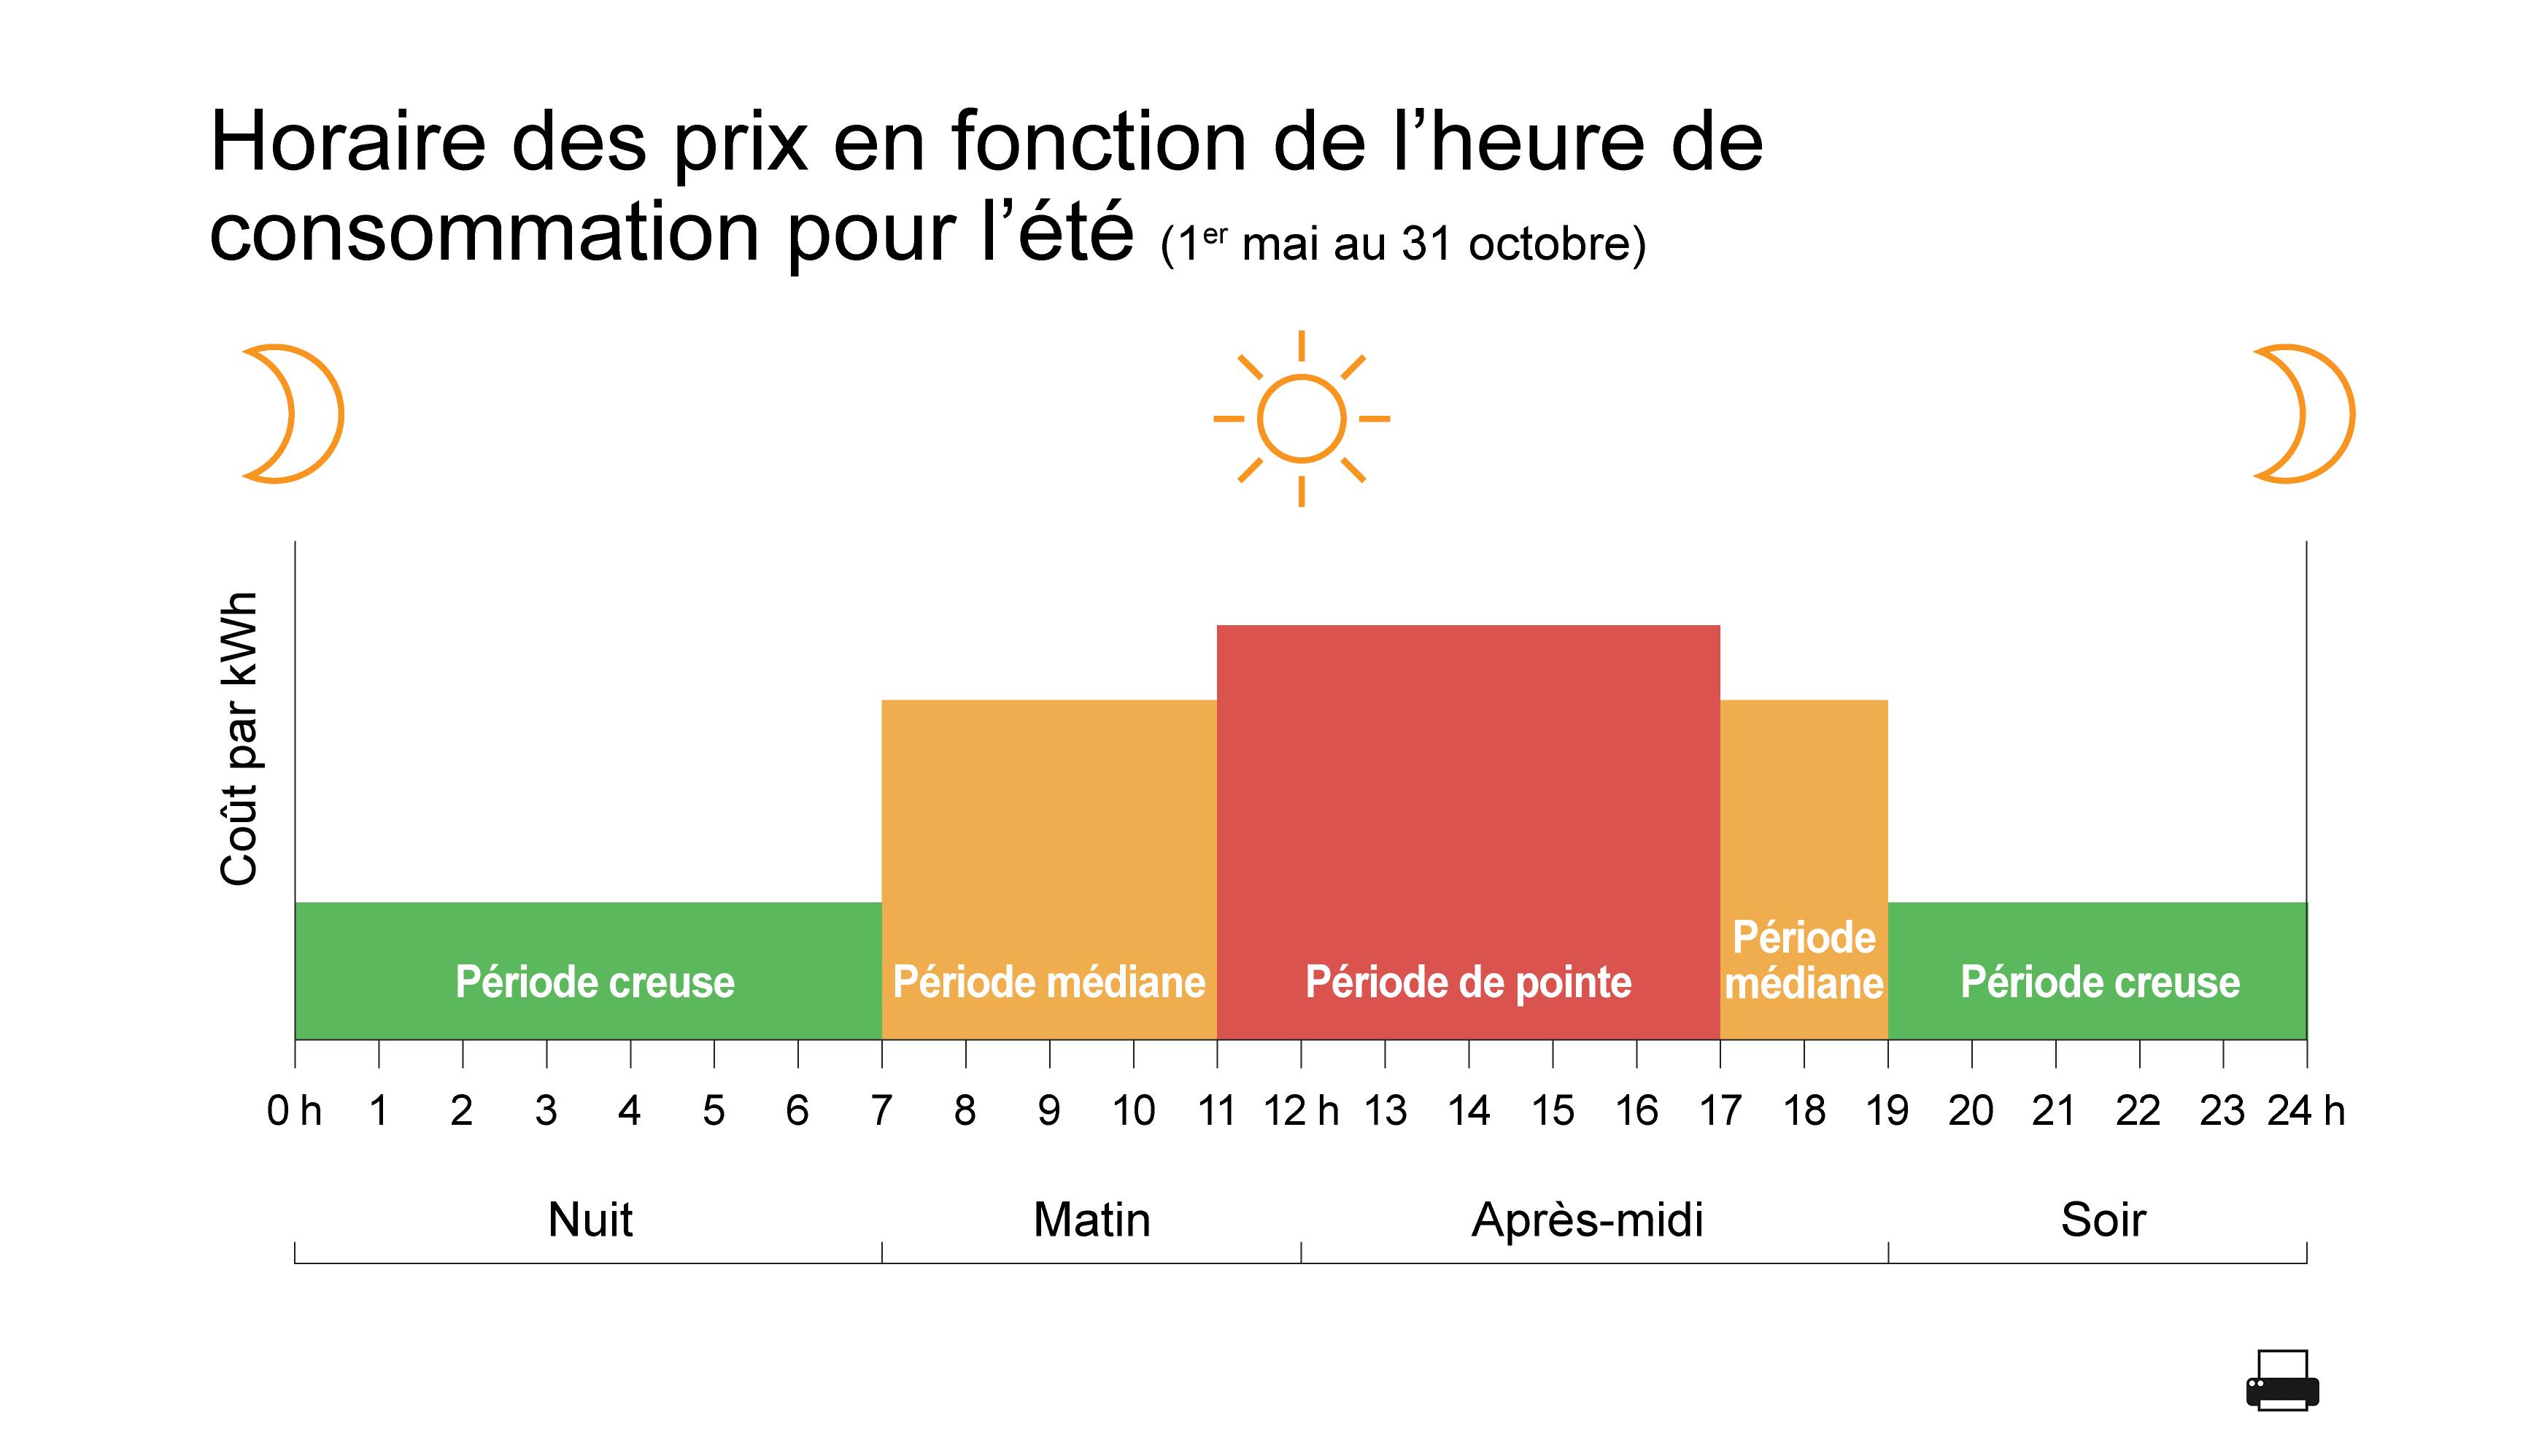 Jours de semaines pendant l'été (1er mai au 31 octobre)